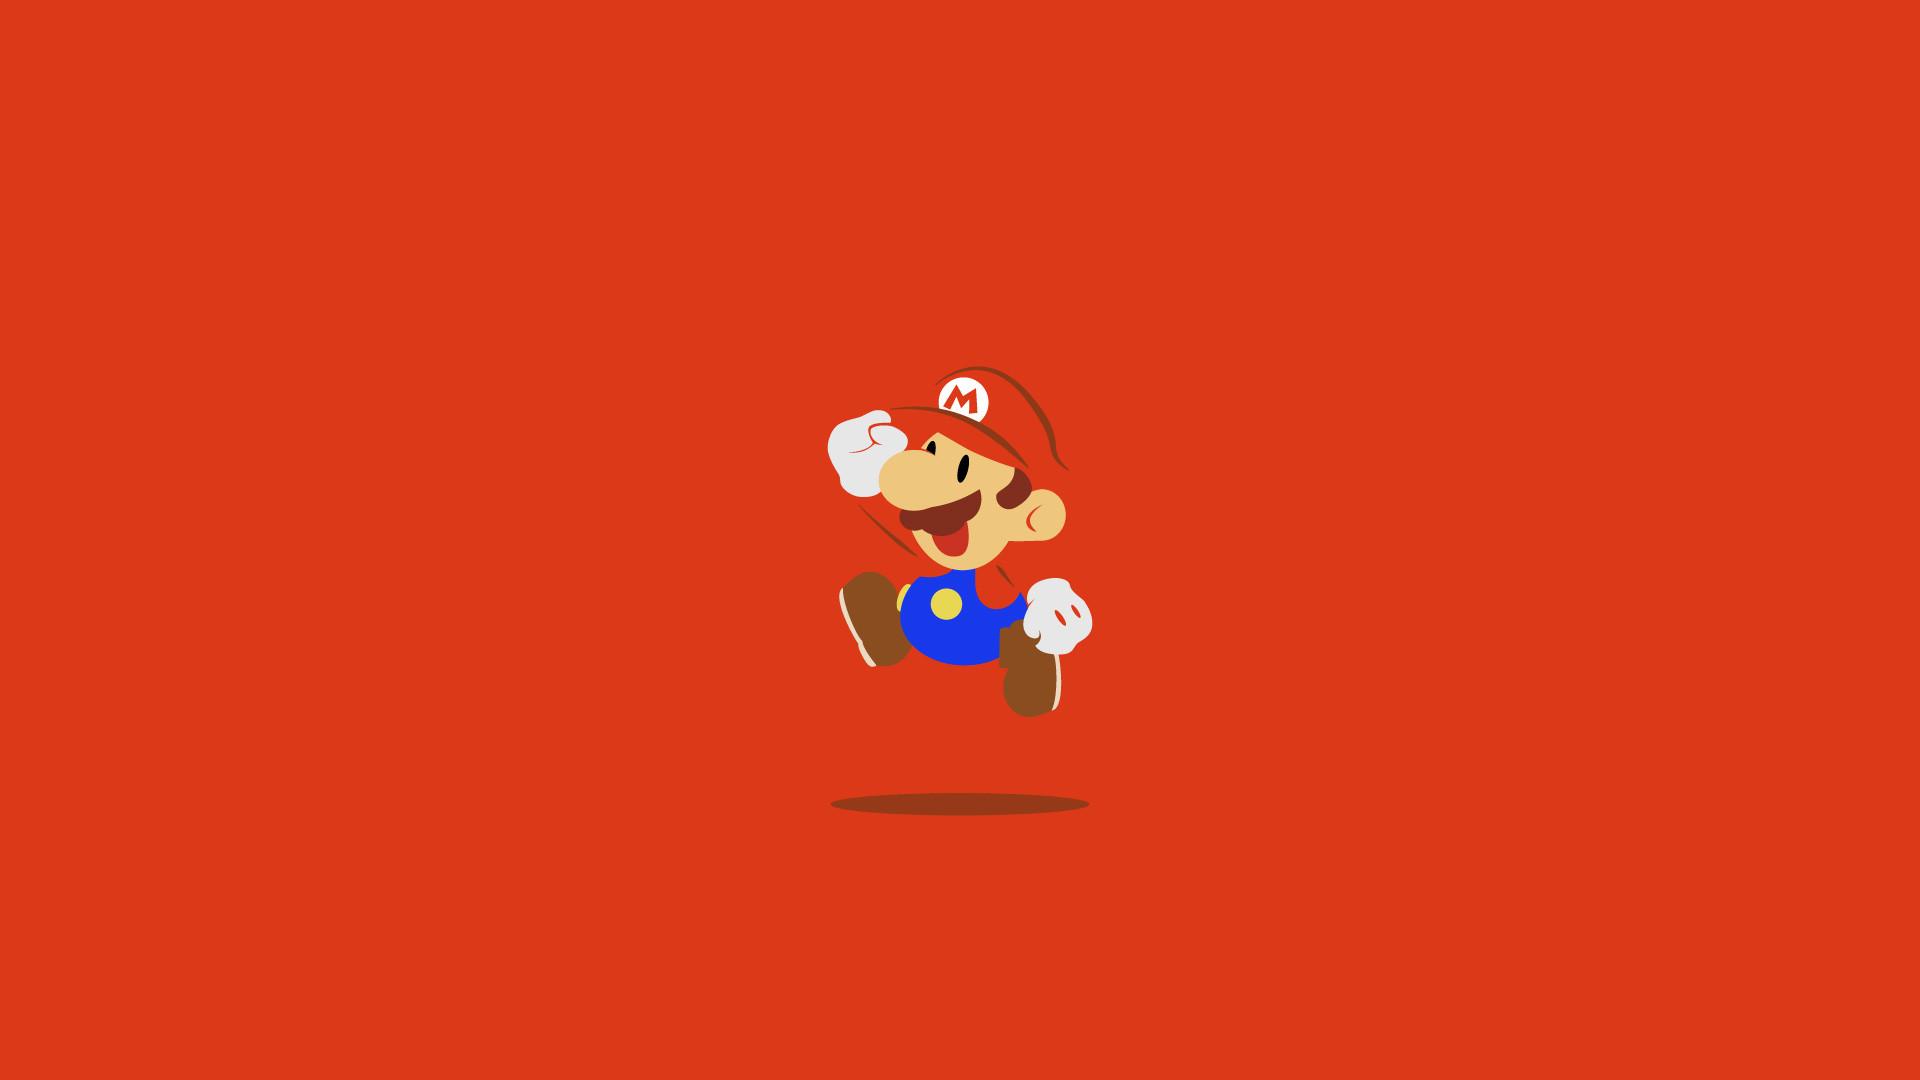 Mario Desktop Backgrounds: Super Mario Wallpapers (65+ Images